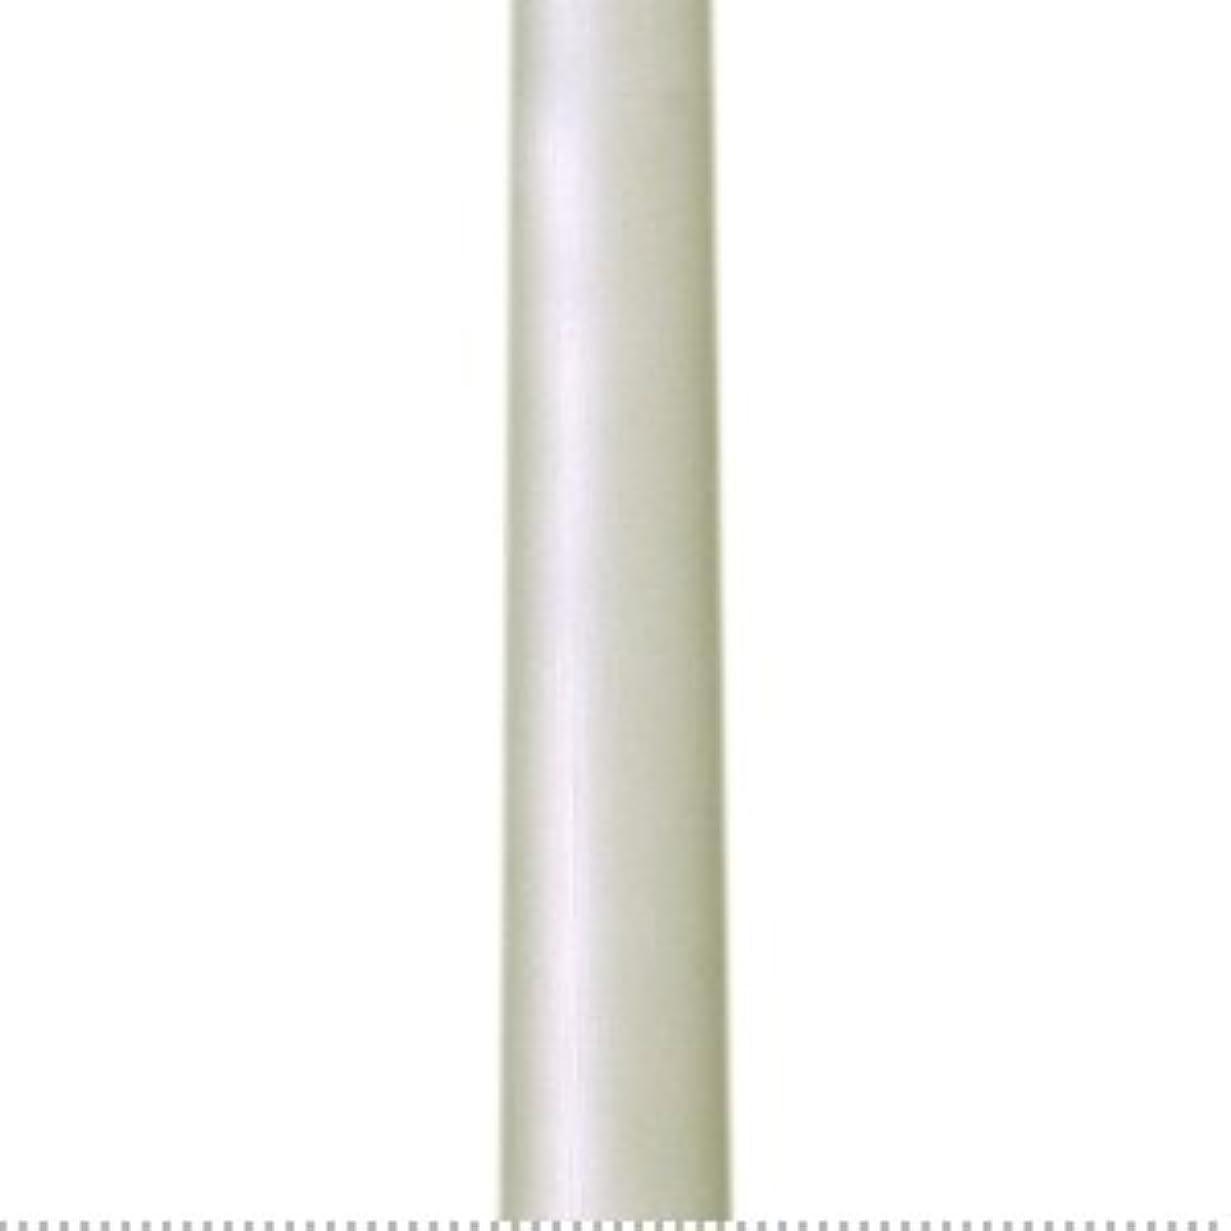 帳面解放する微生物テーパーキャンドル クラッシー ムエット 蝋燭